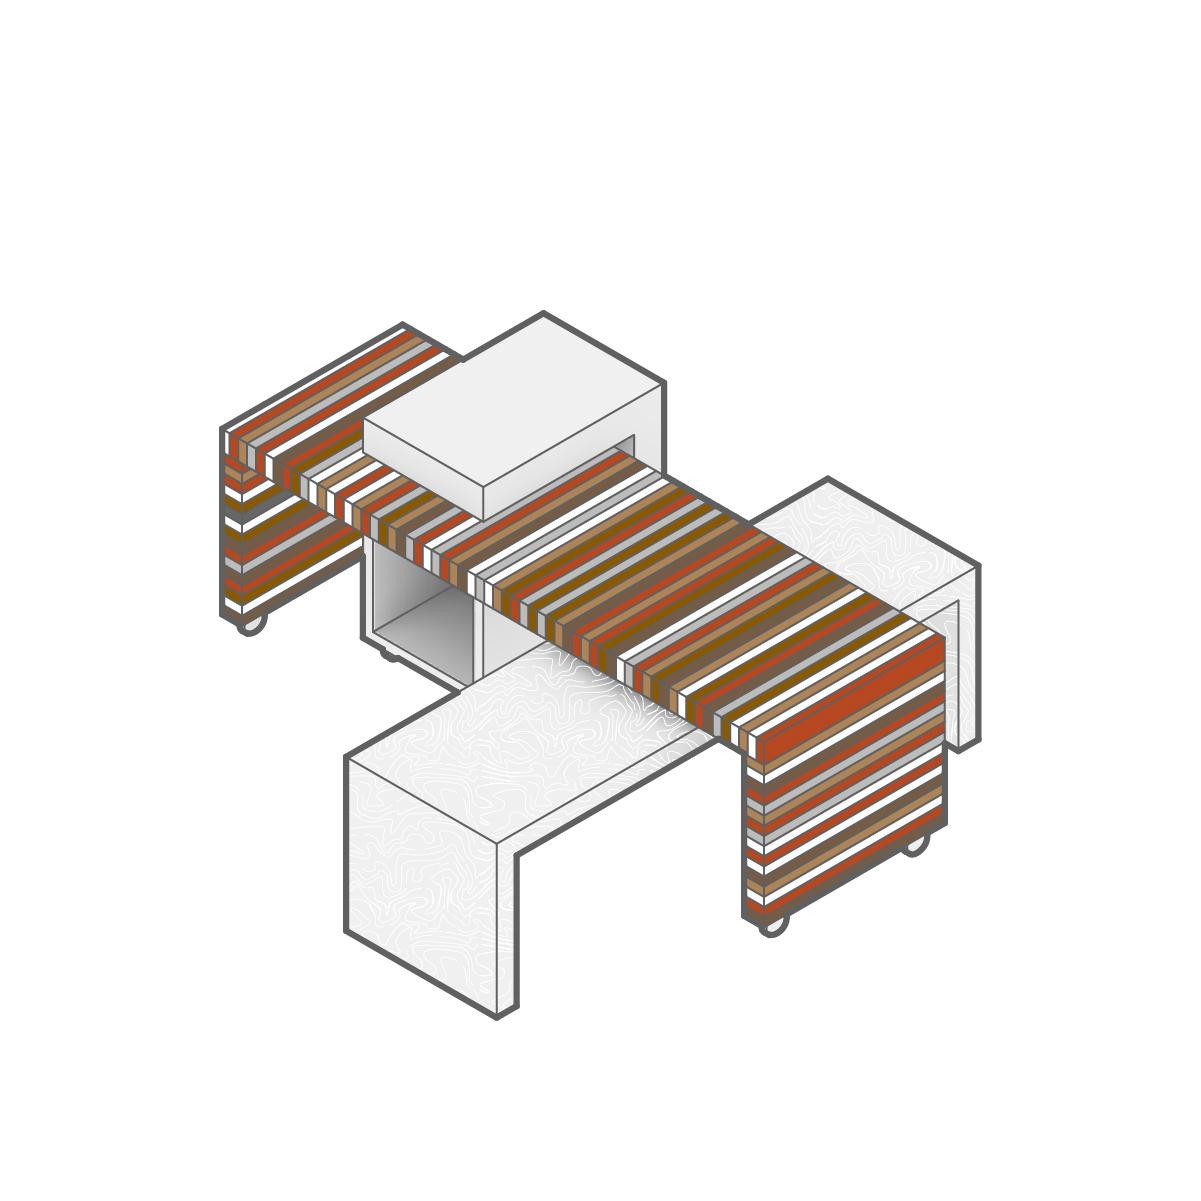 demonstration table-09.jpg